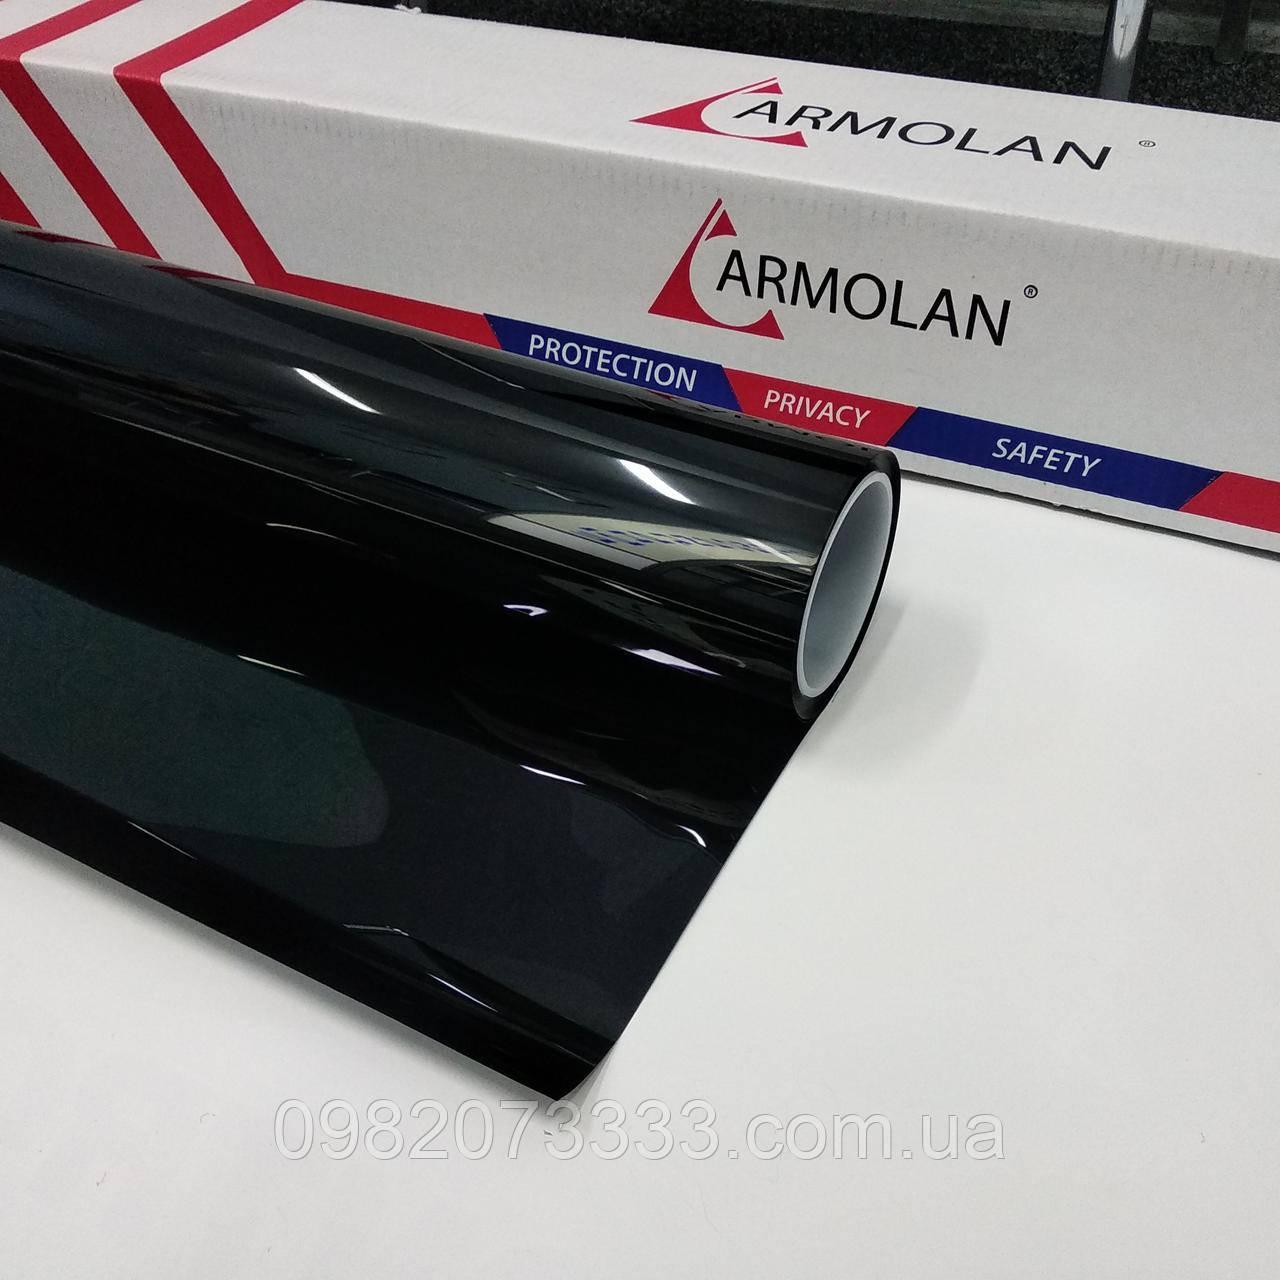 Автомобильная плёнка Armolan HPR LR CH 15 (рулон 10мп ширина 1,524) для тонировки стекол авто (США)